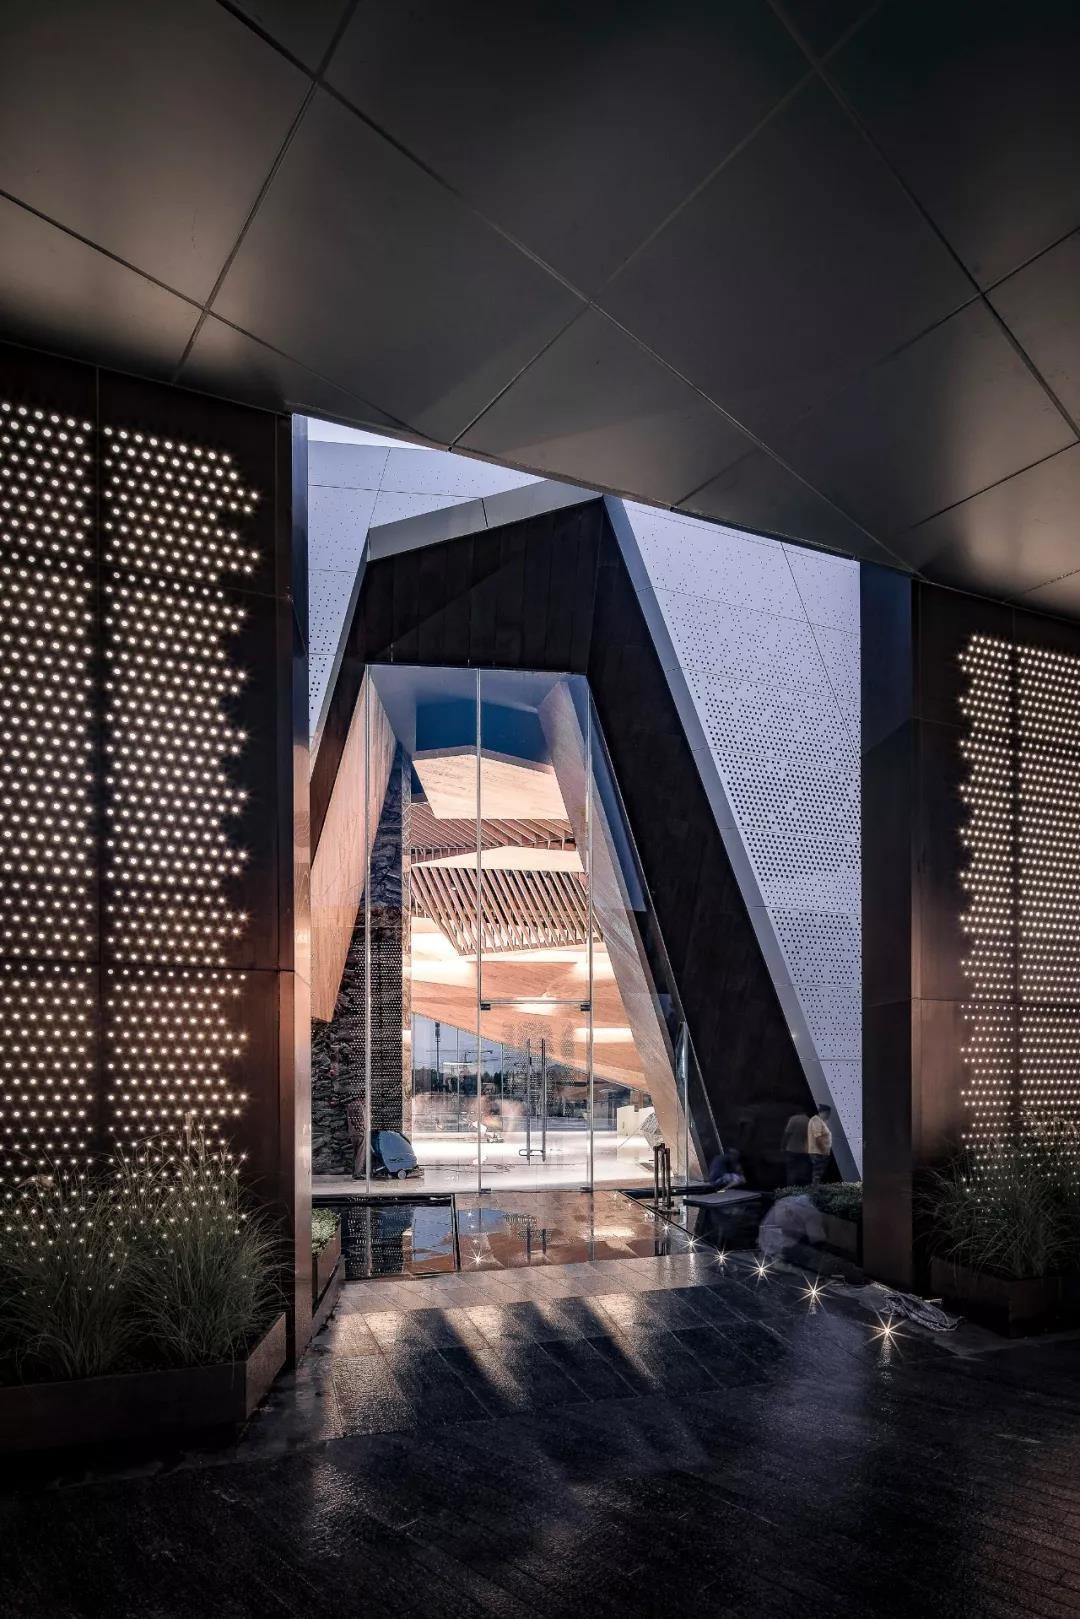 重庆龙湖昱湖壹号城市展厅建筑设计/天华设计